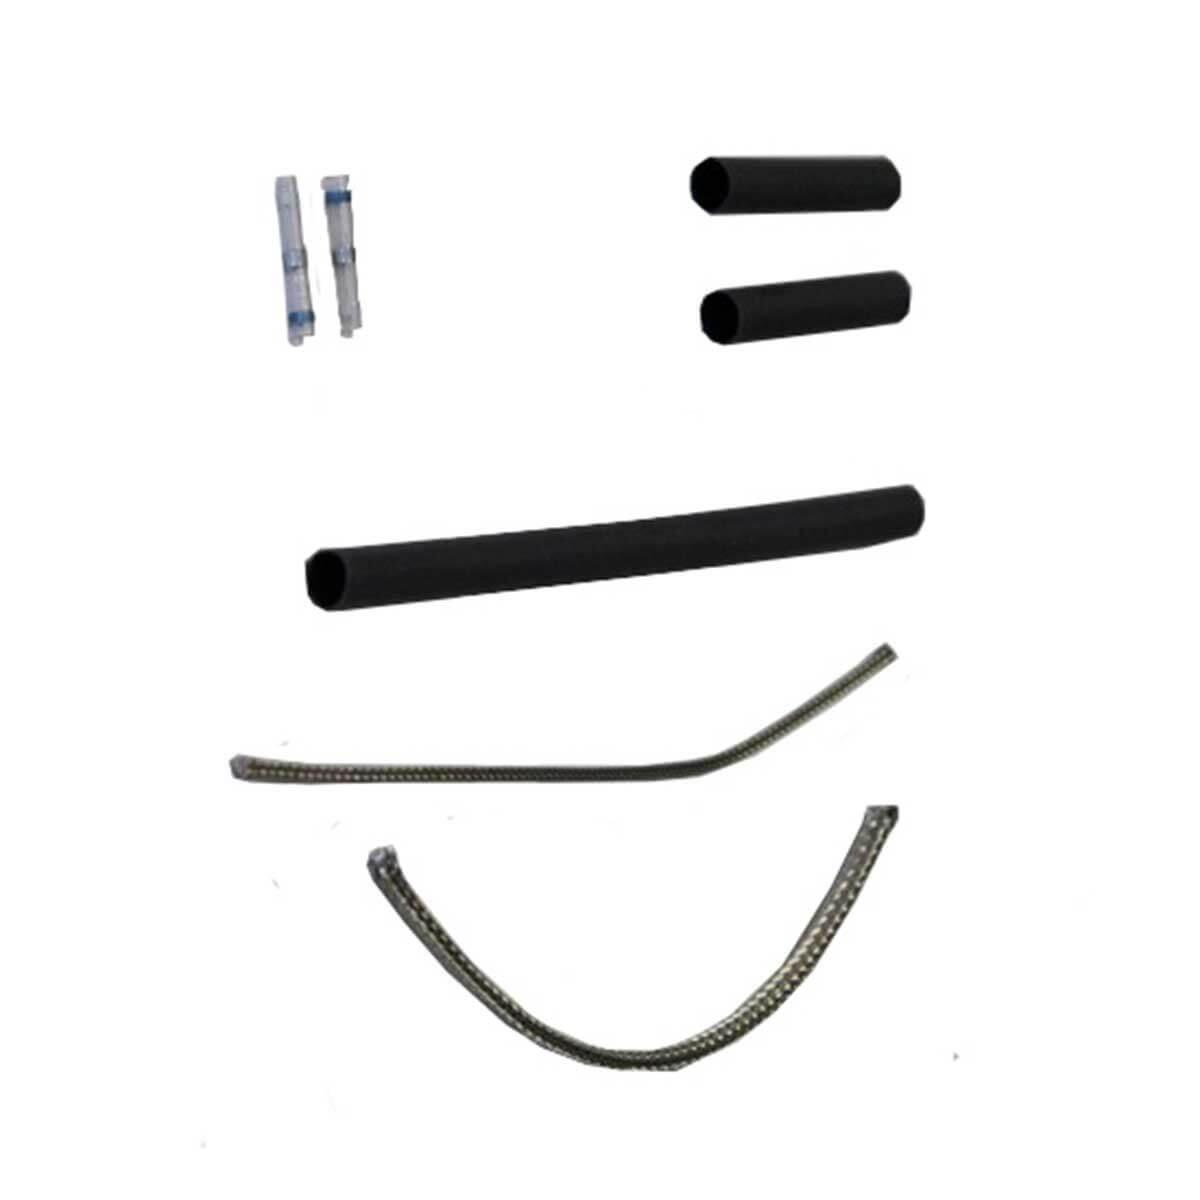 AC0040 Nuheat Cable Repair Kit